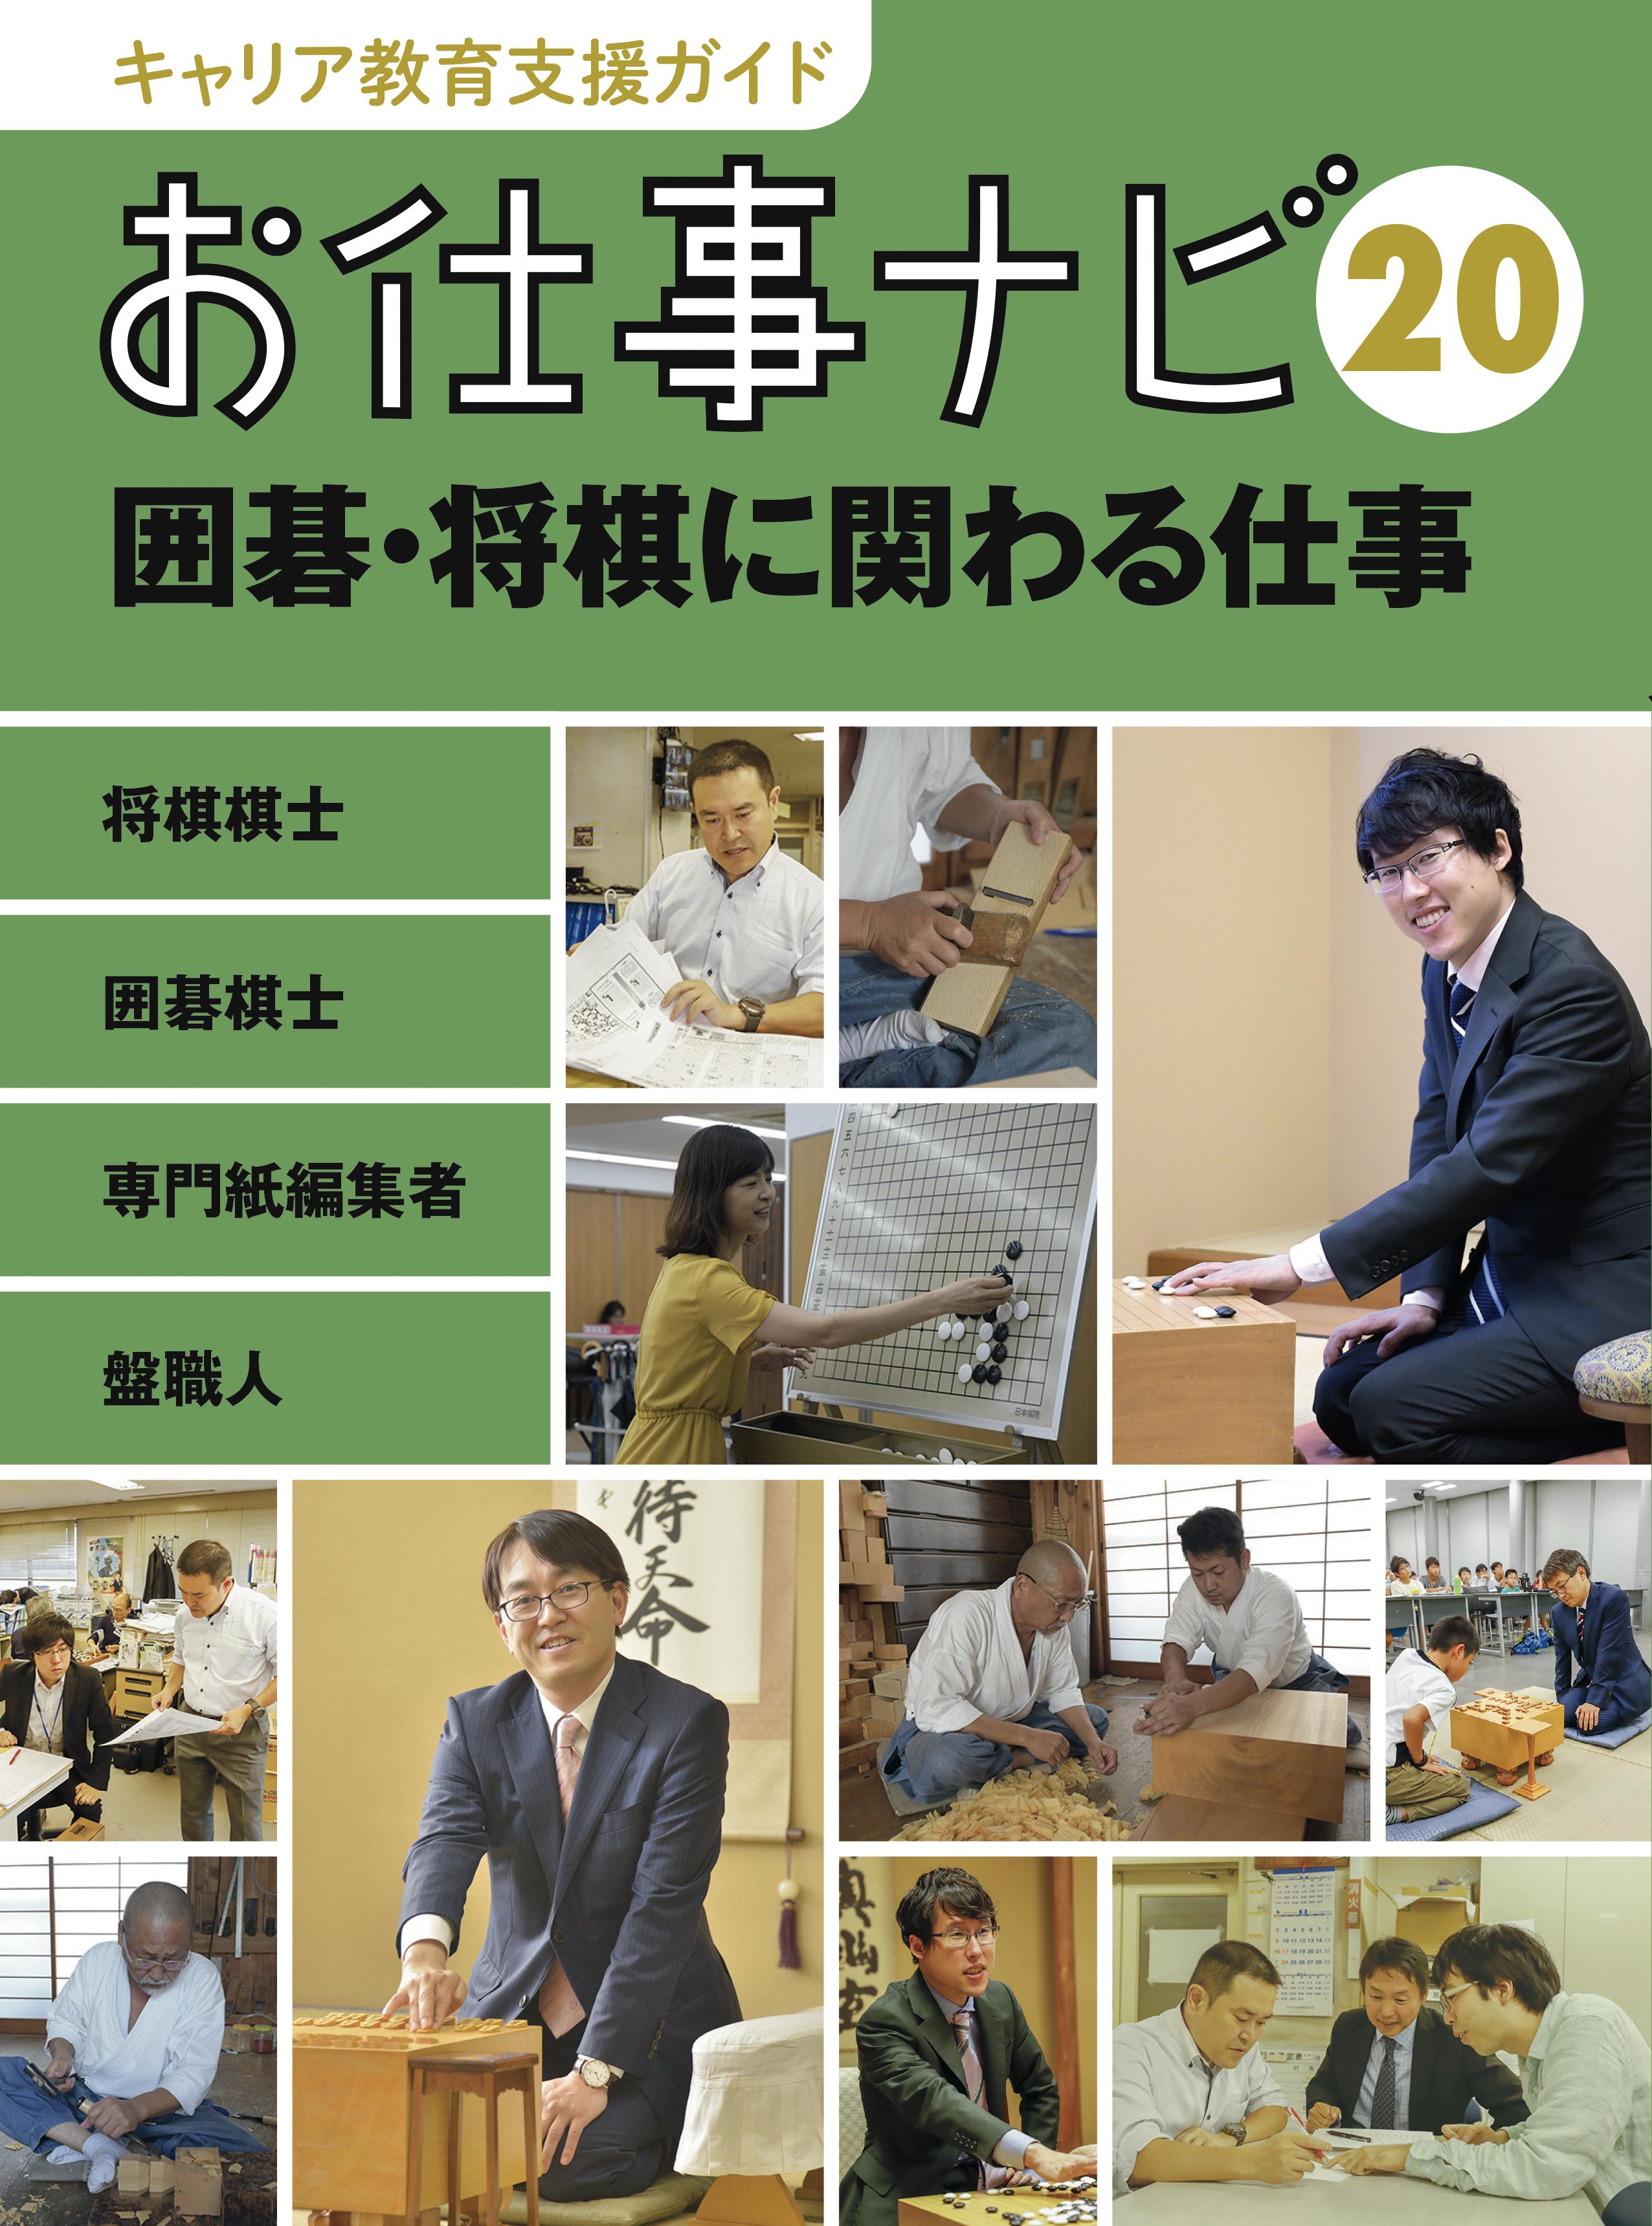 お仕事ナビ20  囲碁・将棋に関わる仕事